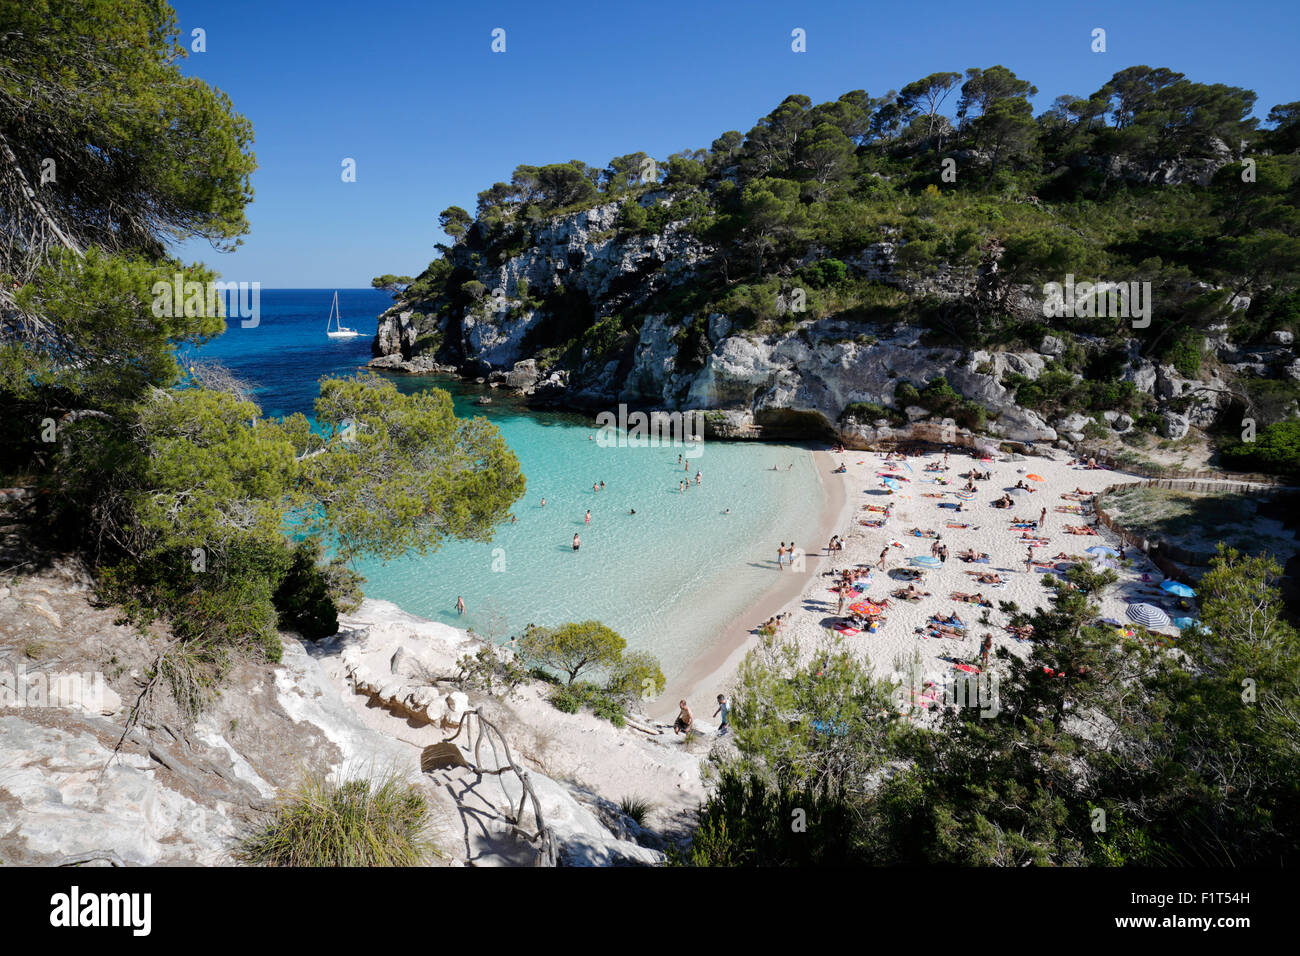 Cala Macarelleta, near Cala Galdana, South West Coast, Menorca, Balearic Islands, Spain, Mediterranean, Europe - Stock Image